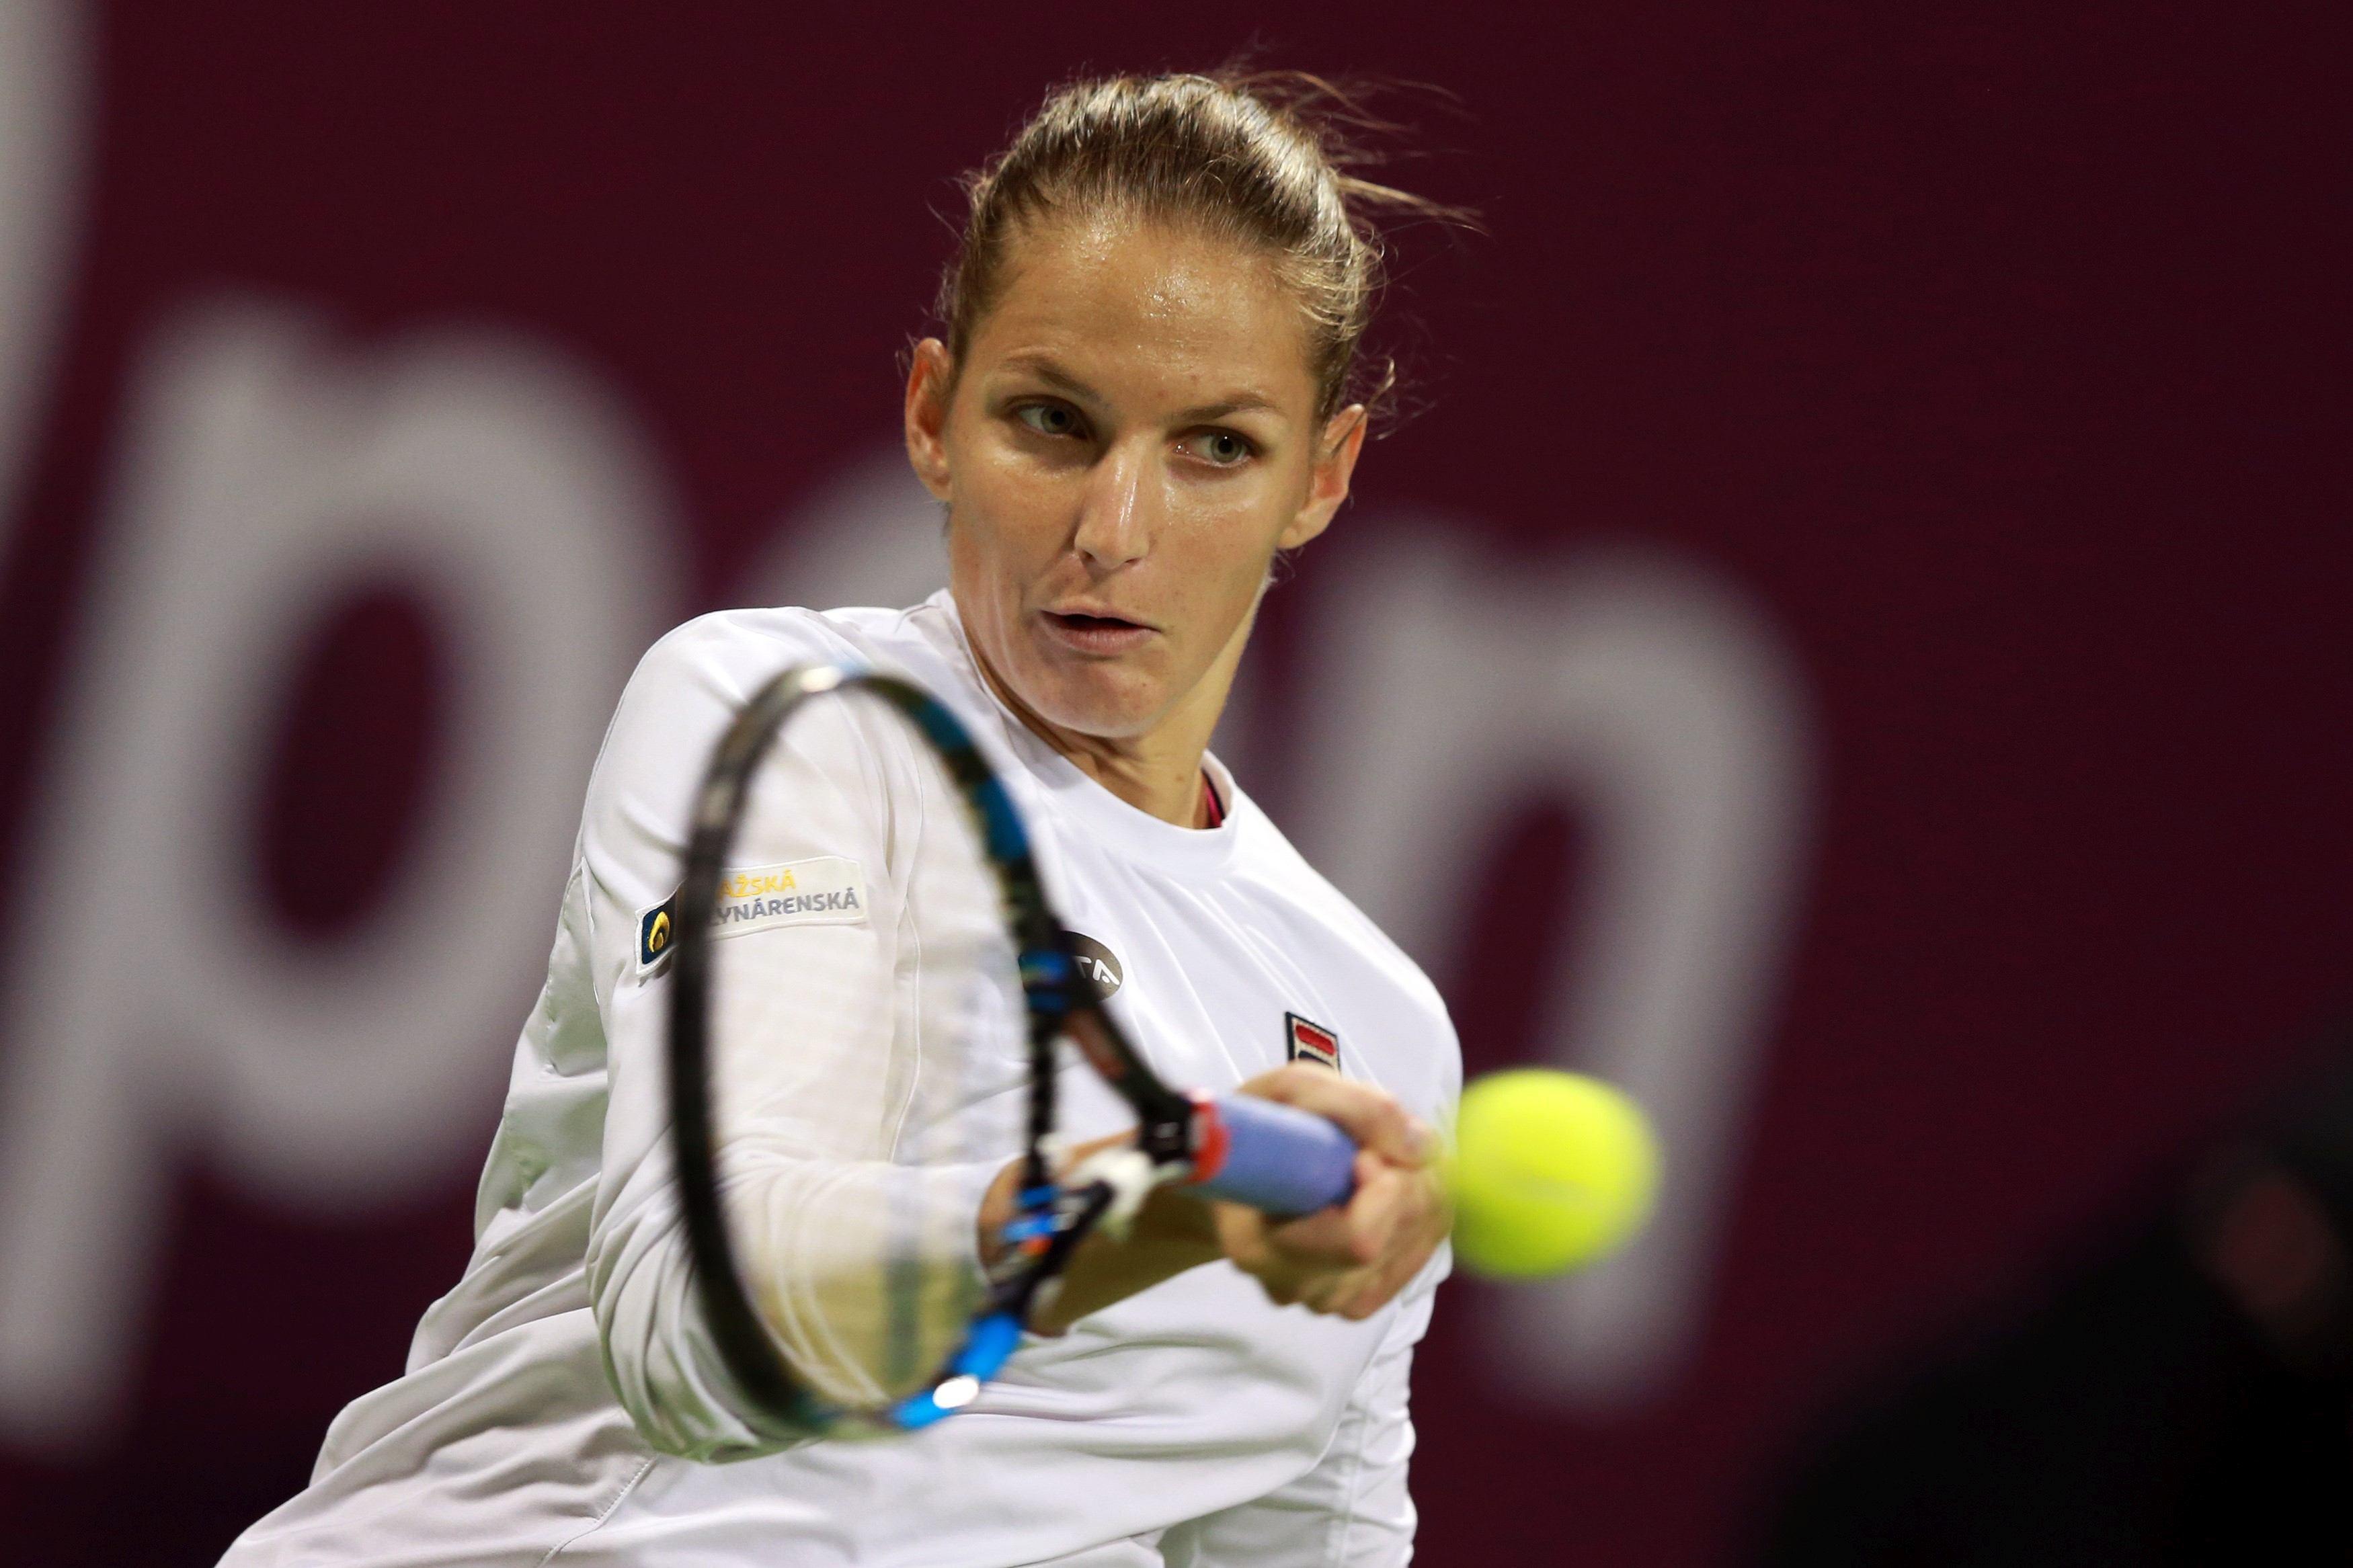 Karolina Pliskova a câştigat turneul de la Doha şi s-a distanţat de Simona Halep în clasamentul WTA